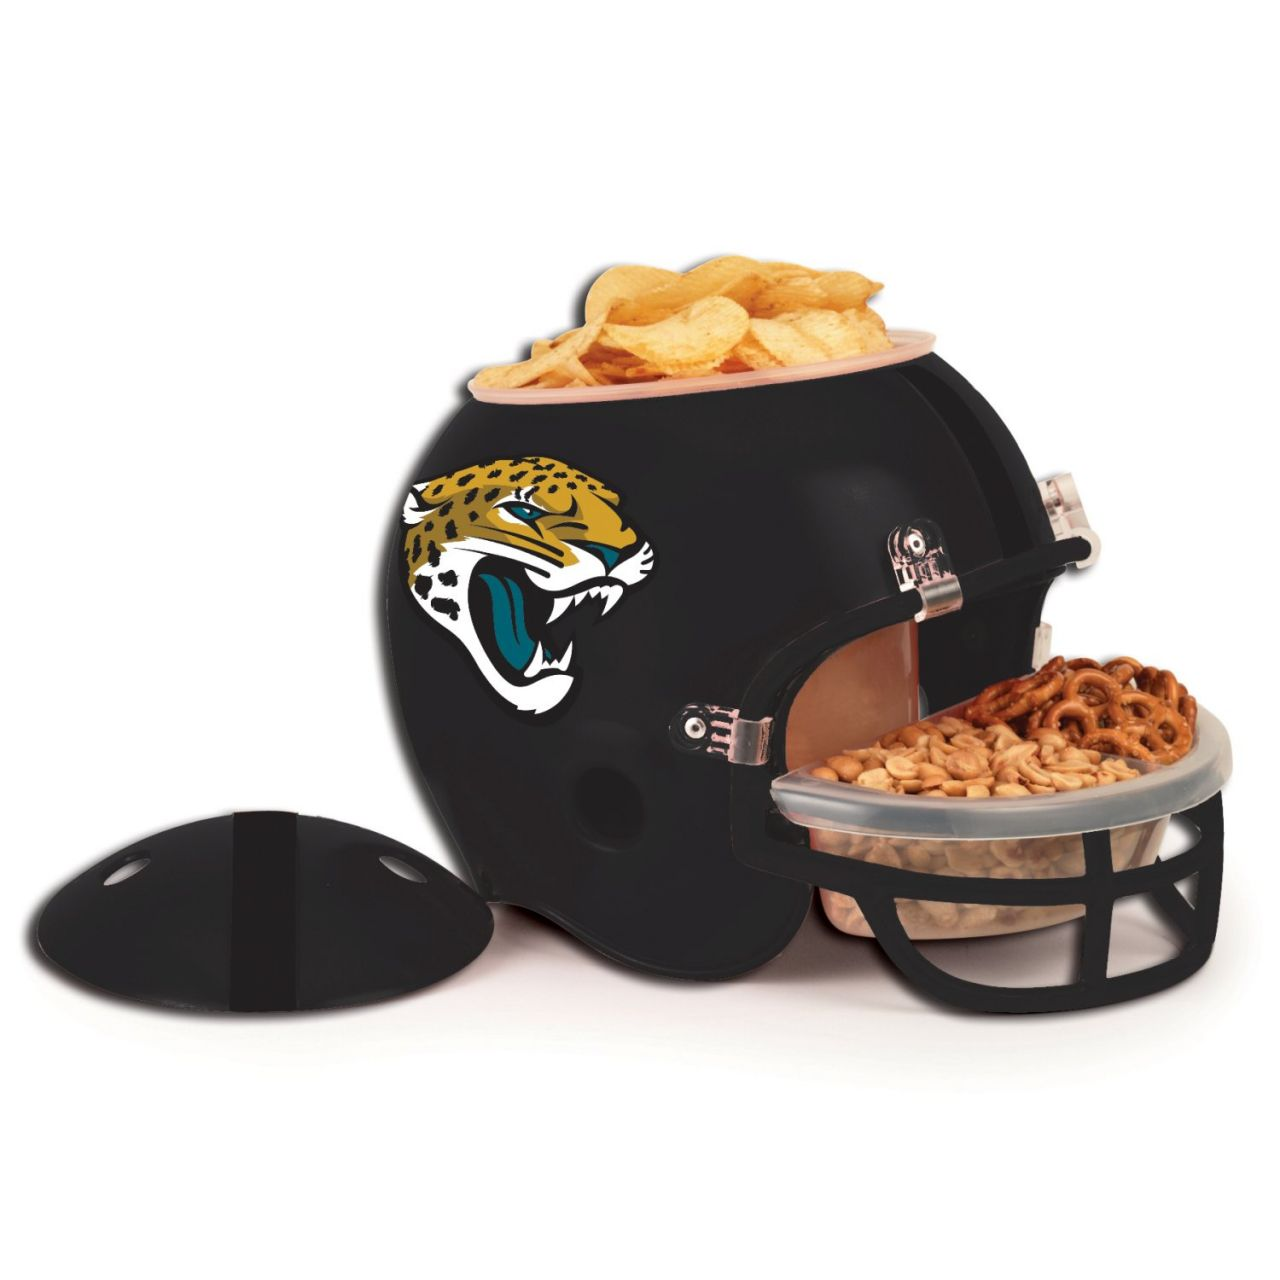 amfoo - Wincraft Snacks Helm - NFL Jacksonville Jaguars